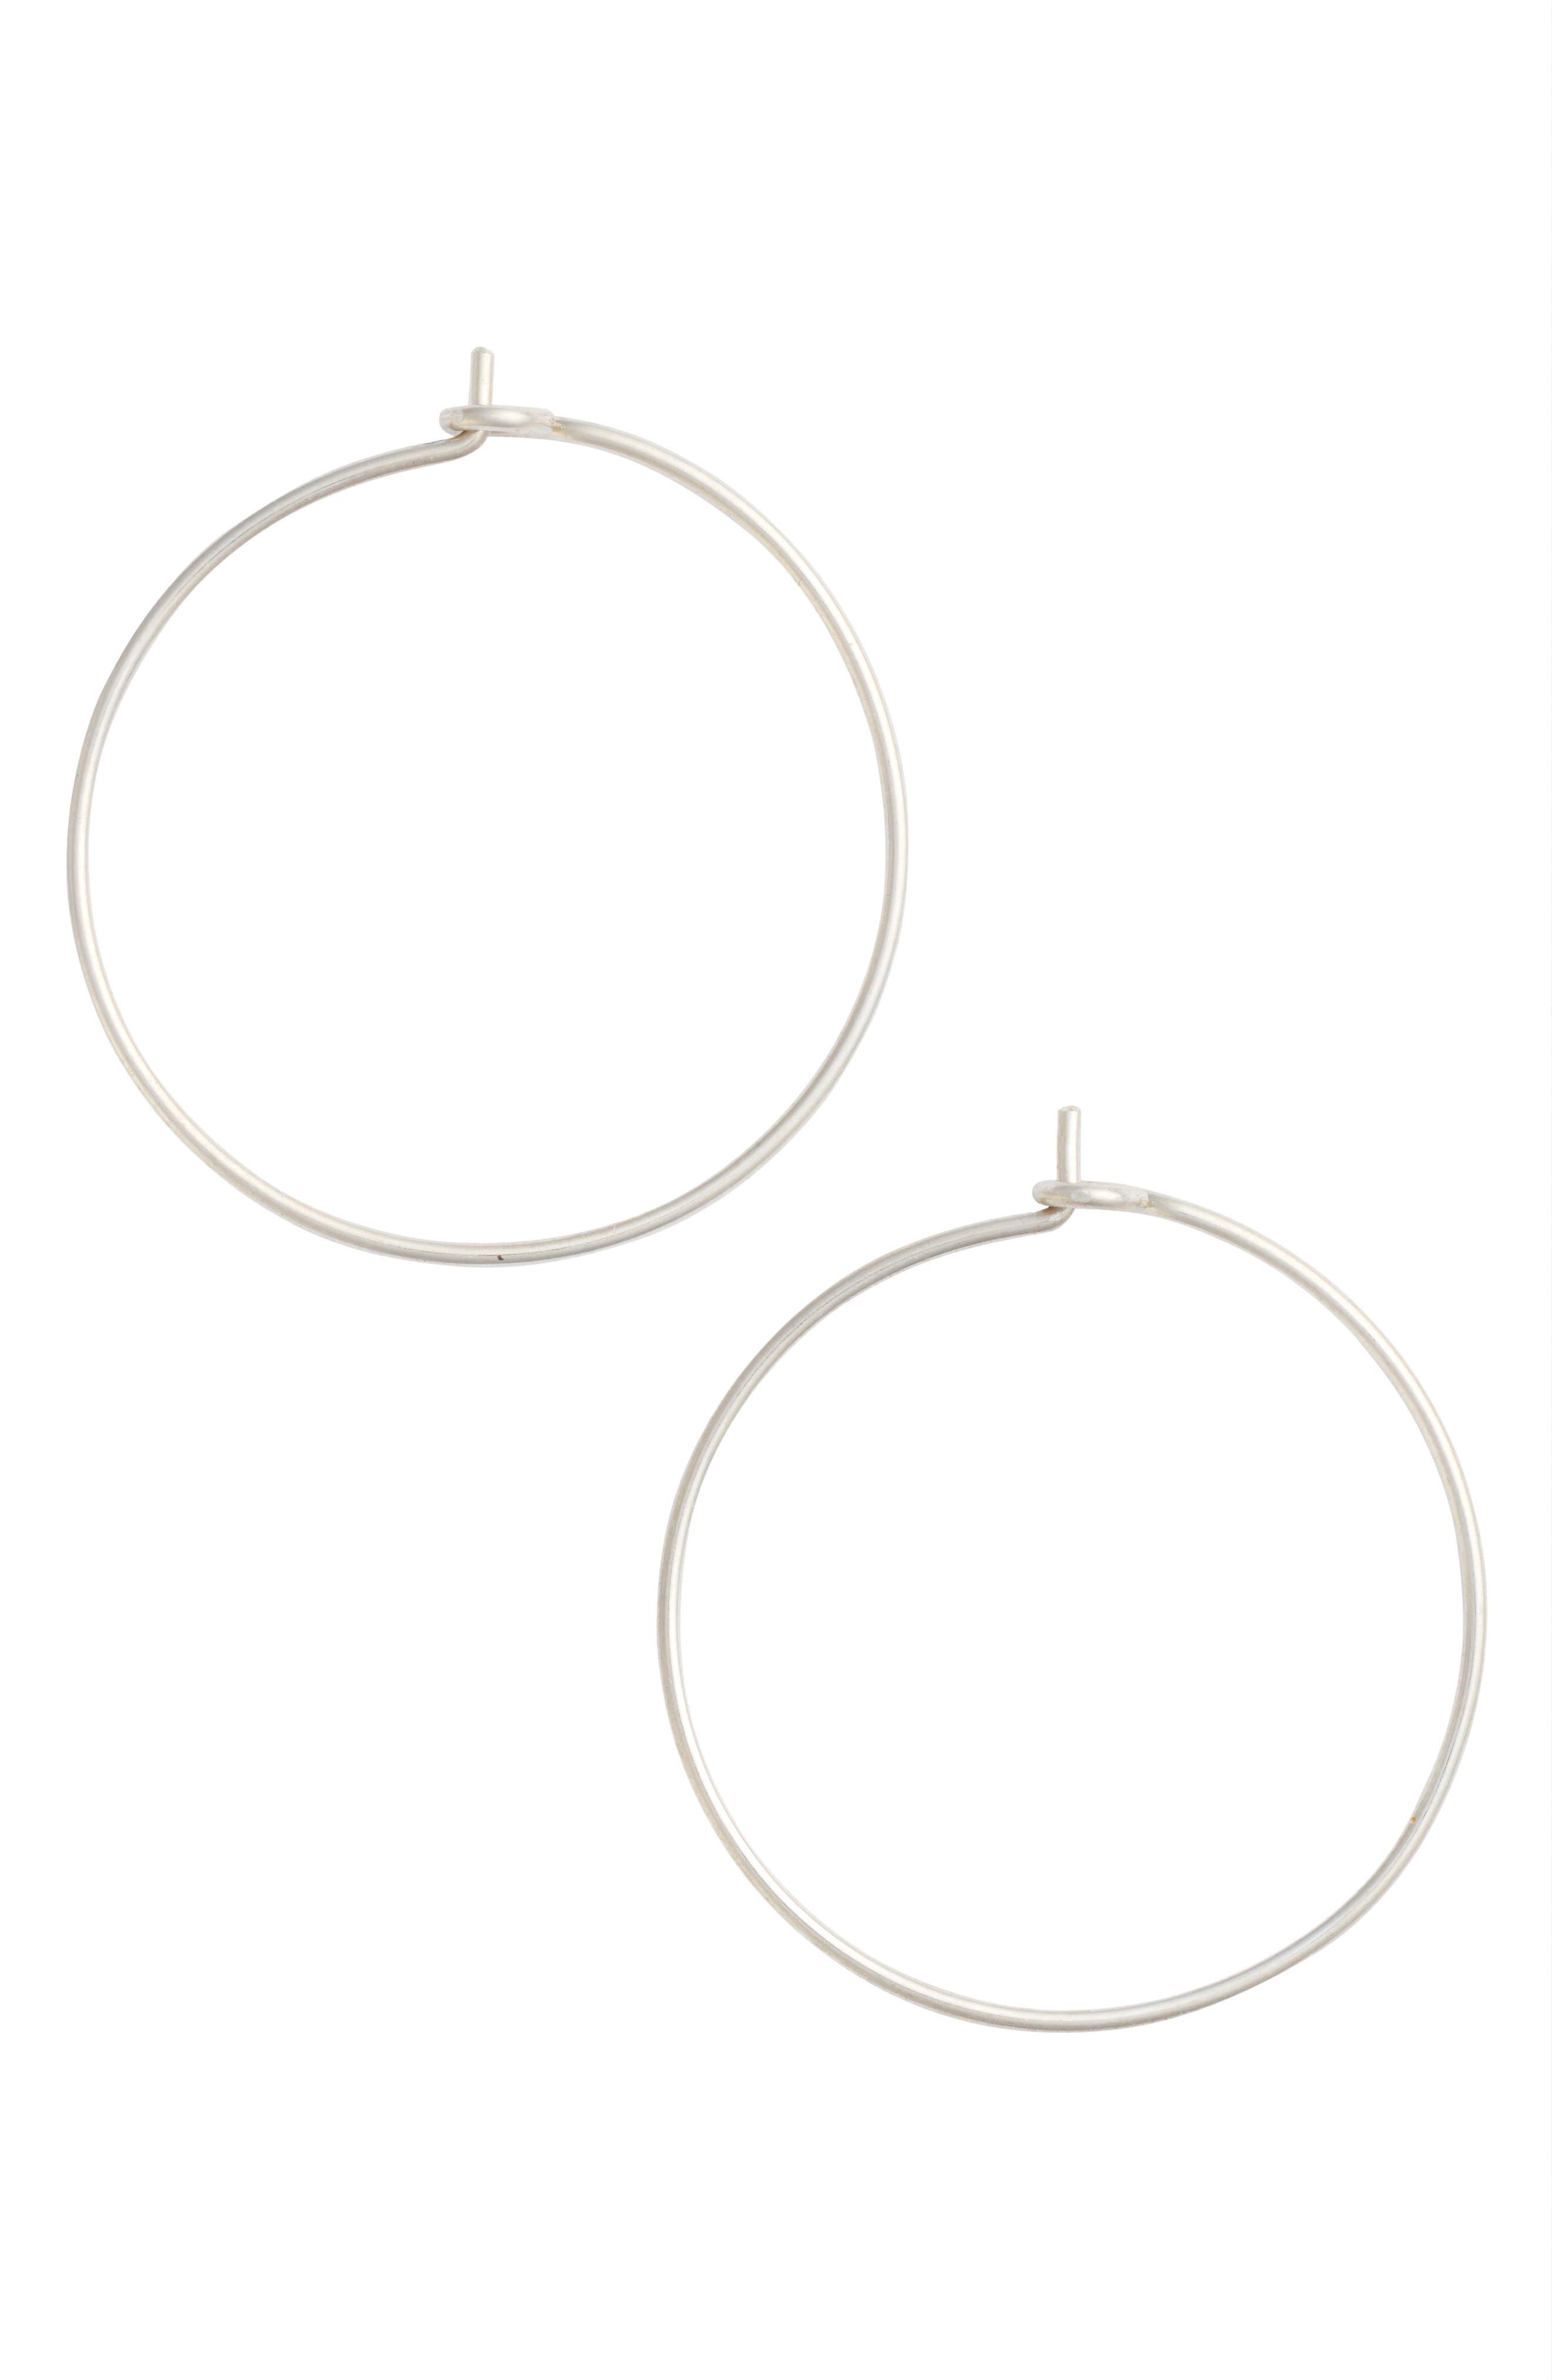 Medium Pure Hoop Earrings,                             Main thumbnail 1, color,                             040